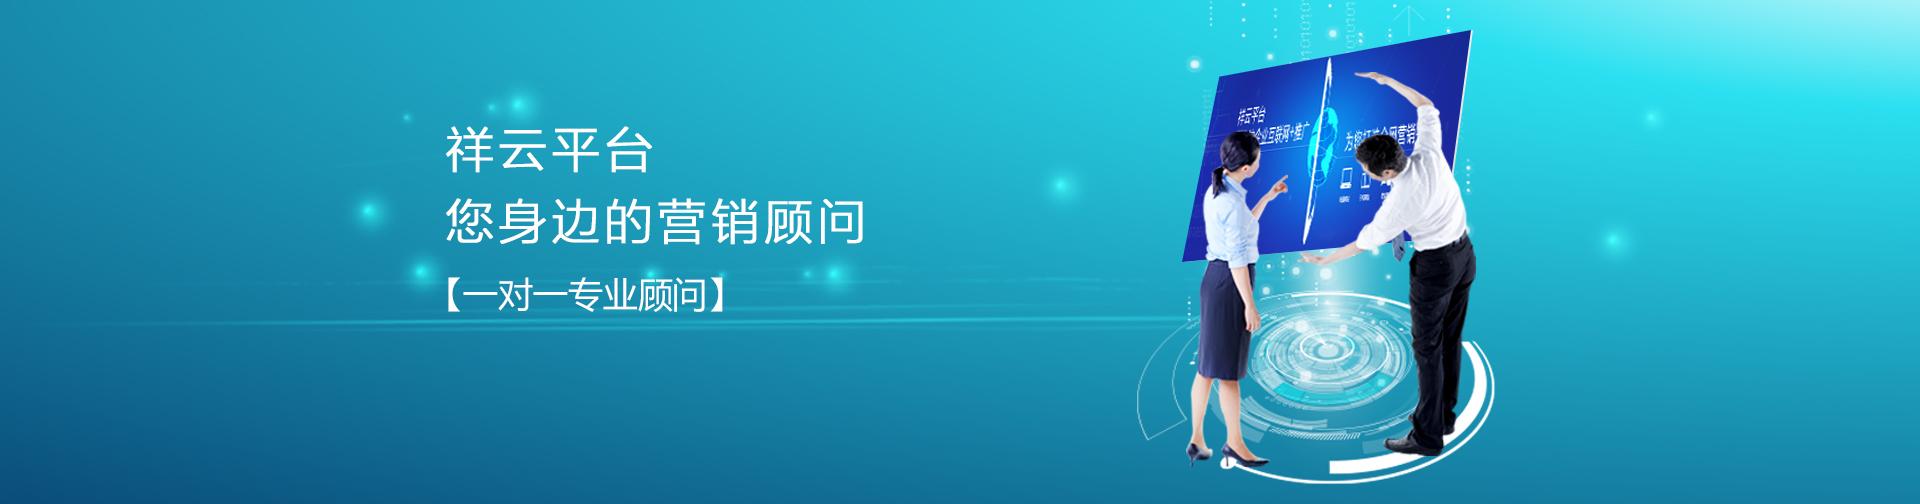 广州全网营销型网站